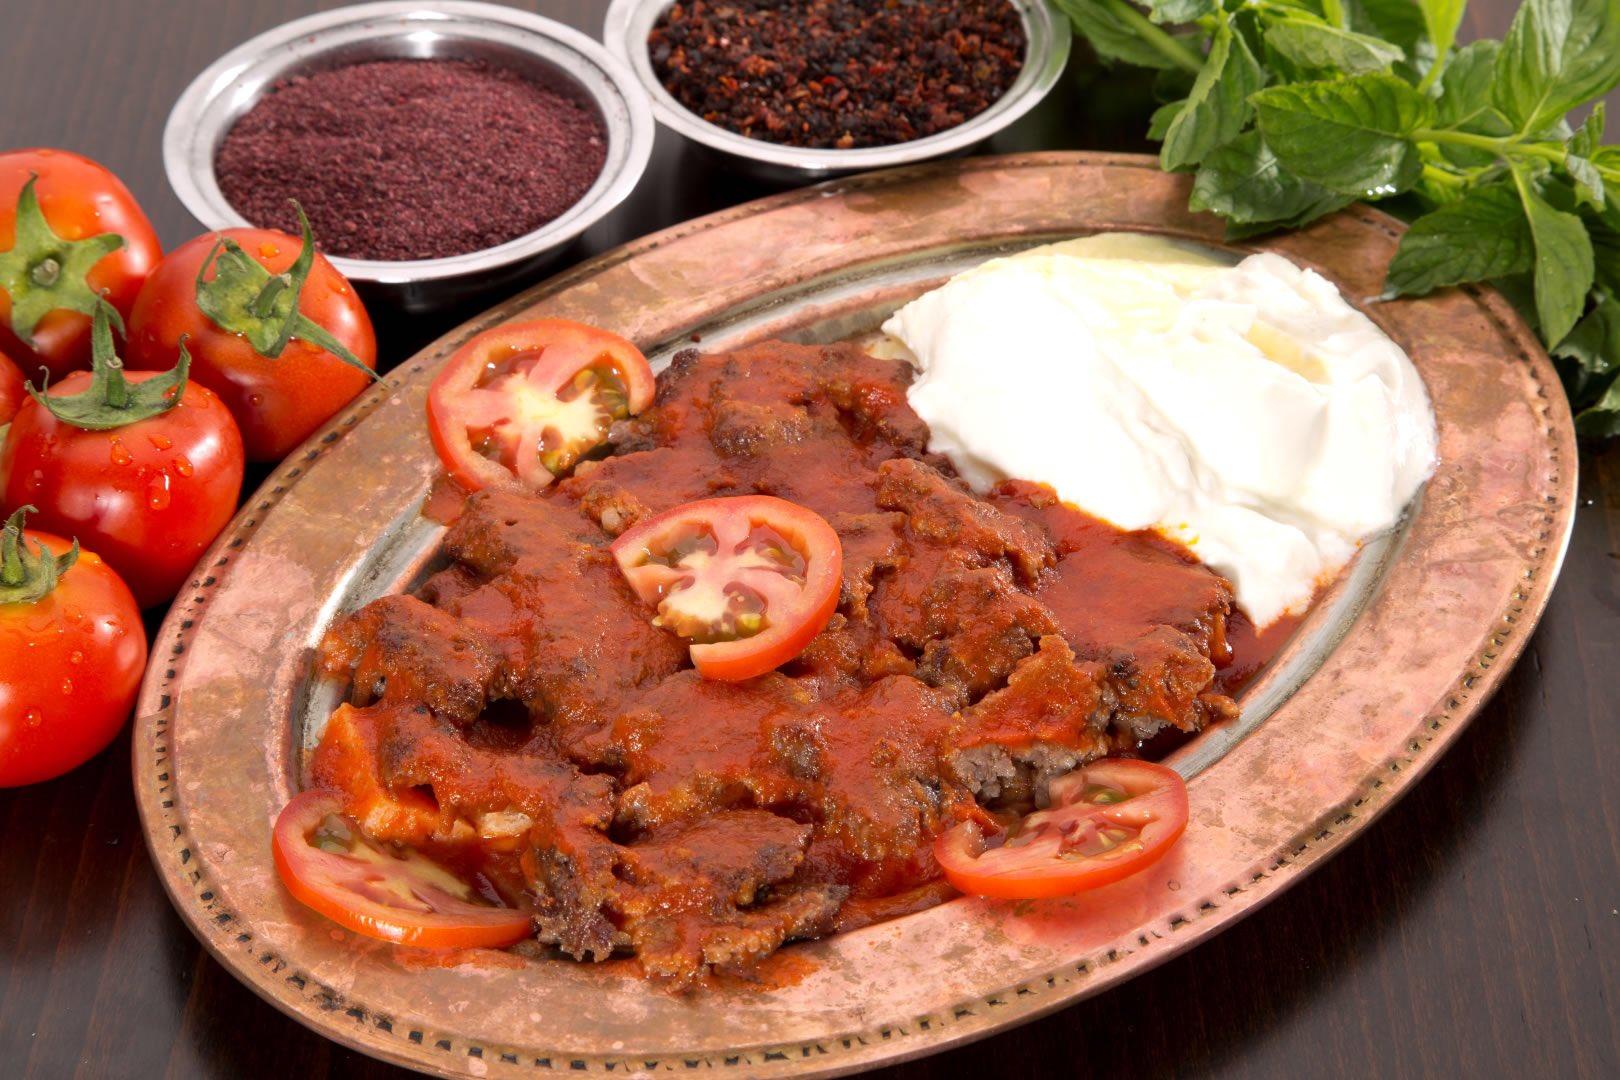 ждёшь турецкие мясные блюда рецепты с фото как прогрессивным первым